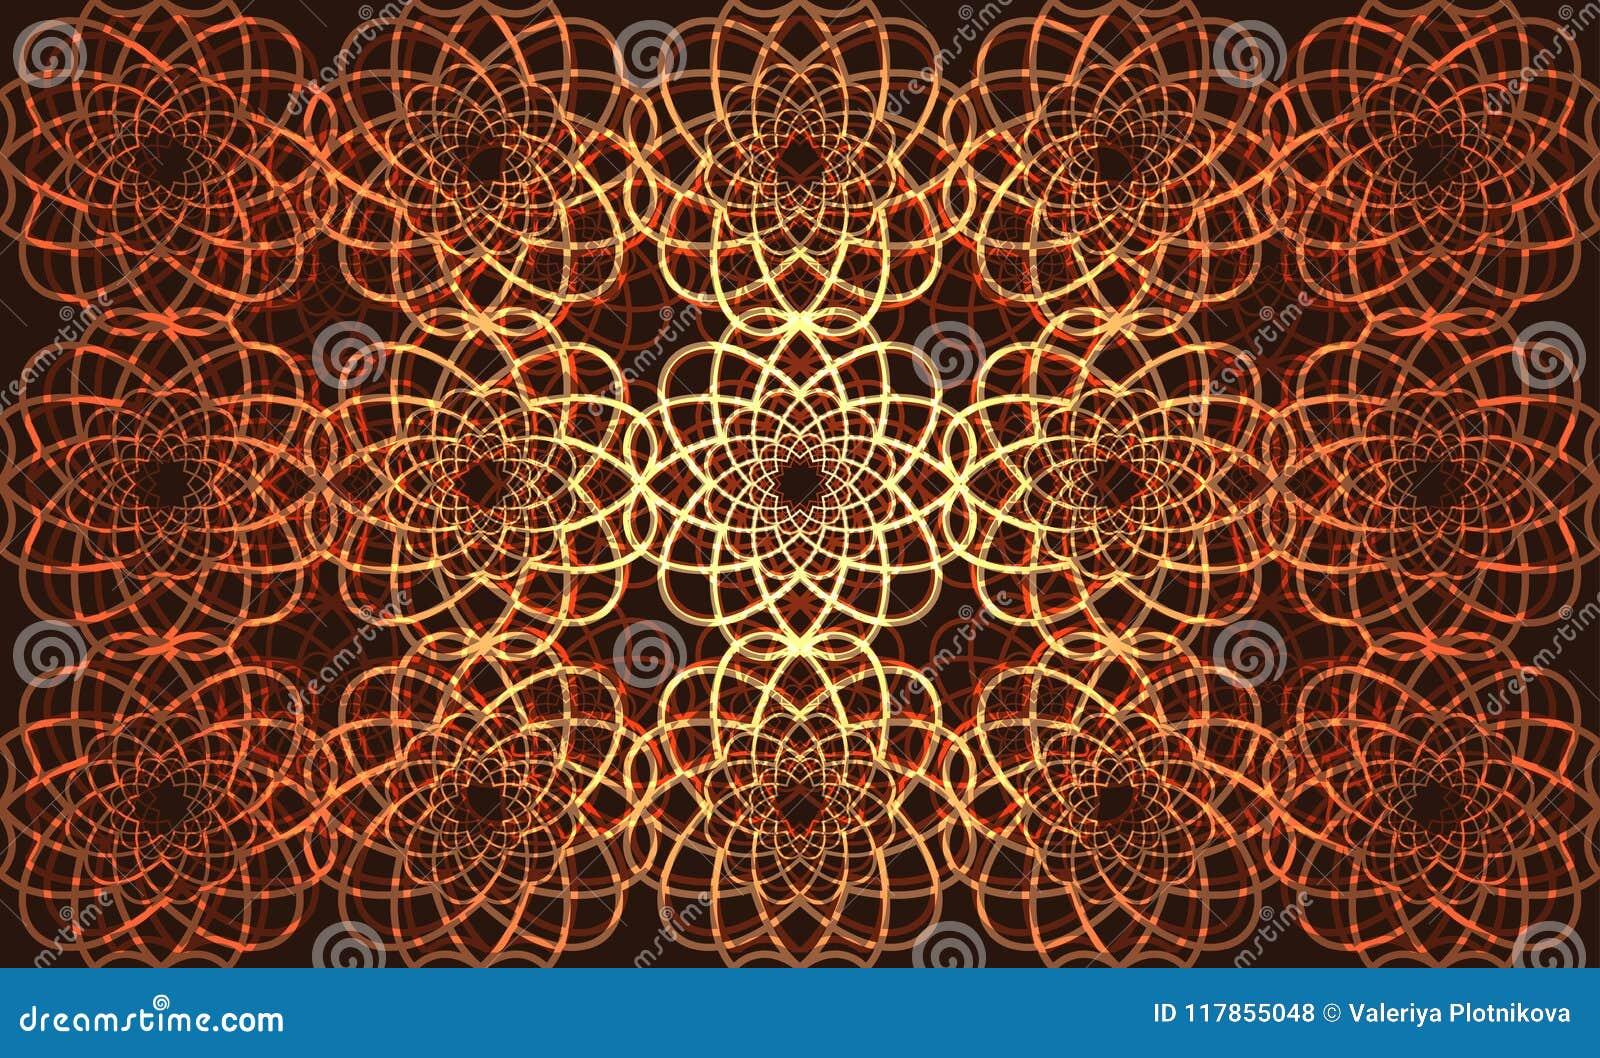 Tegels Met Patroon : Naadloze marokkaanse textuur met bloemen patroon voor tegels